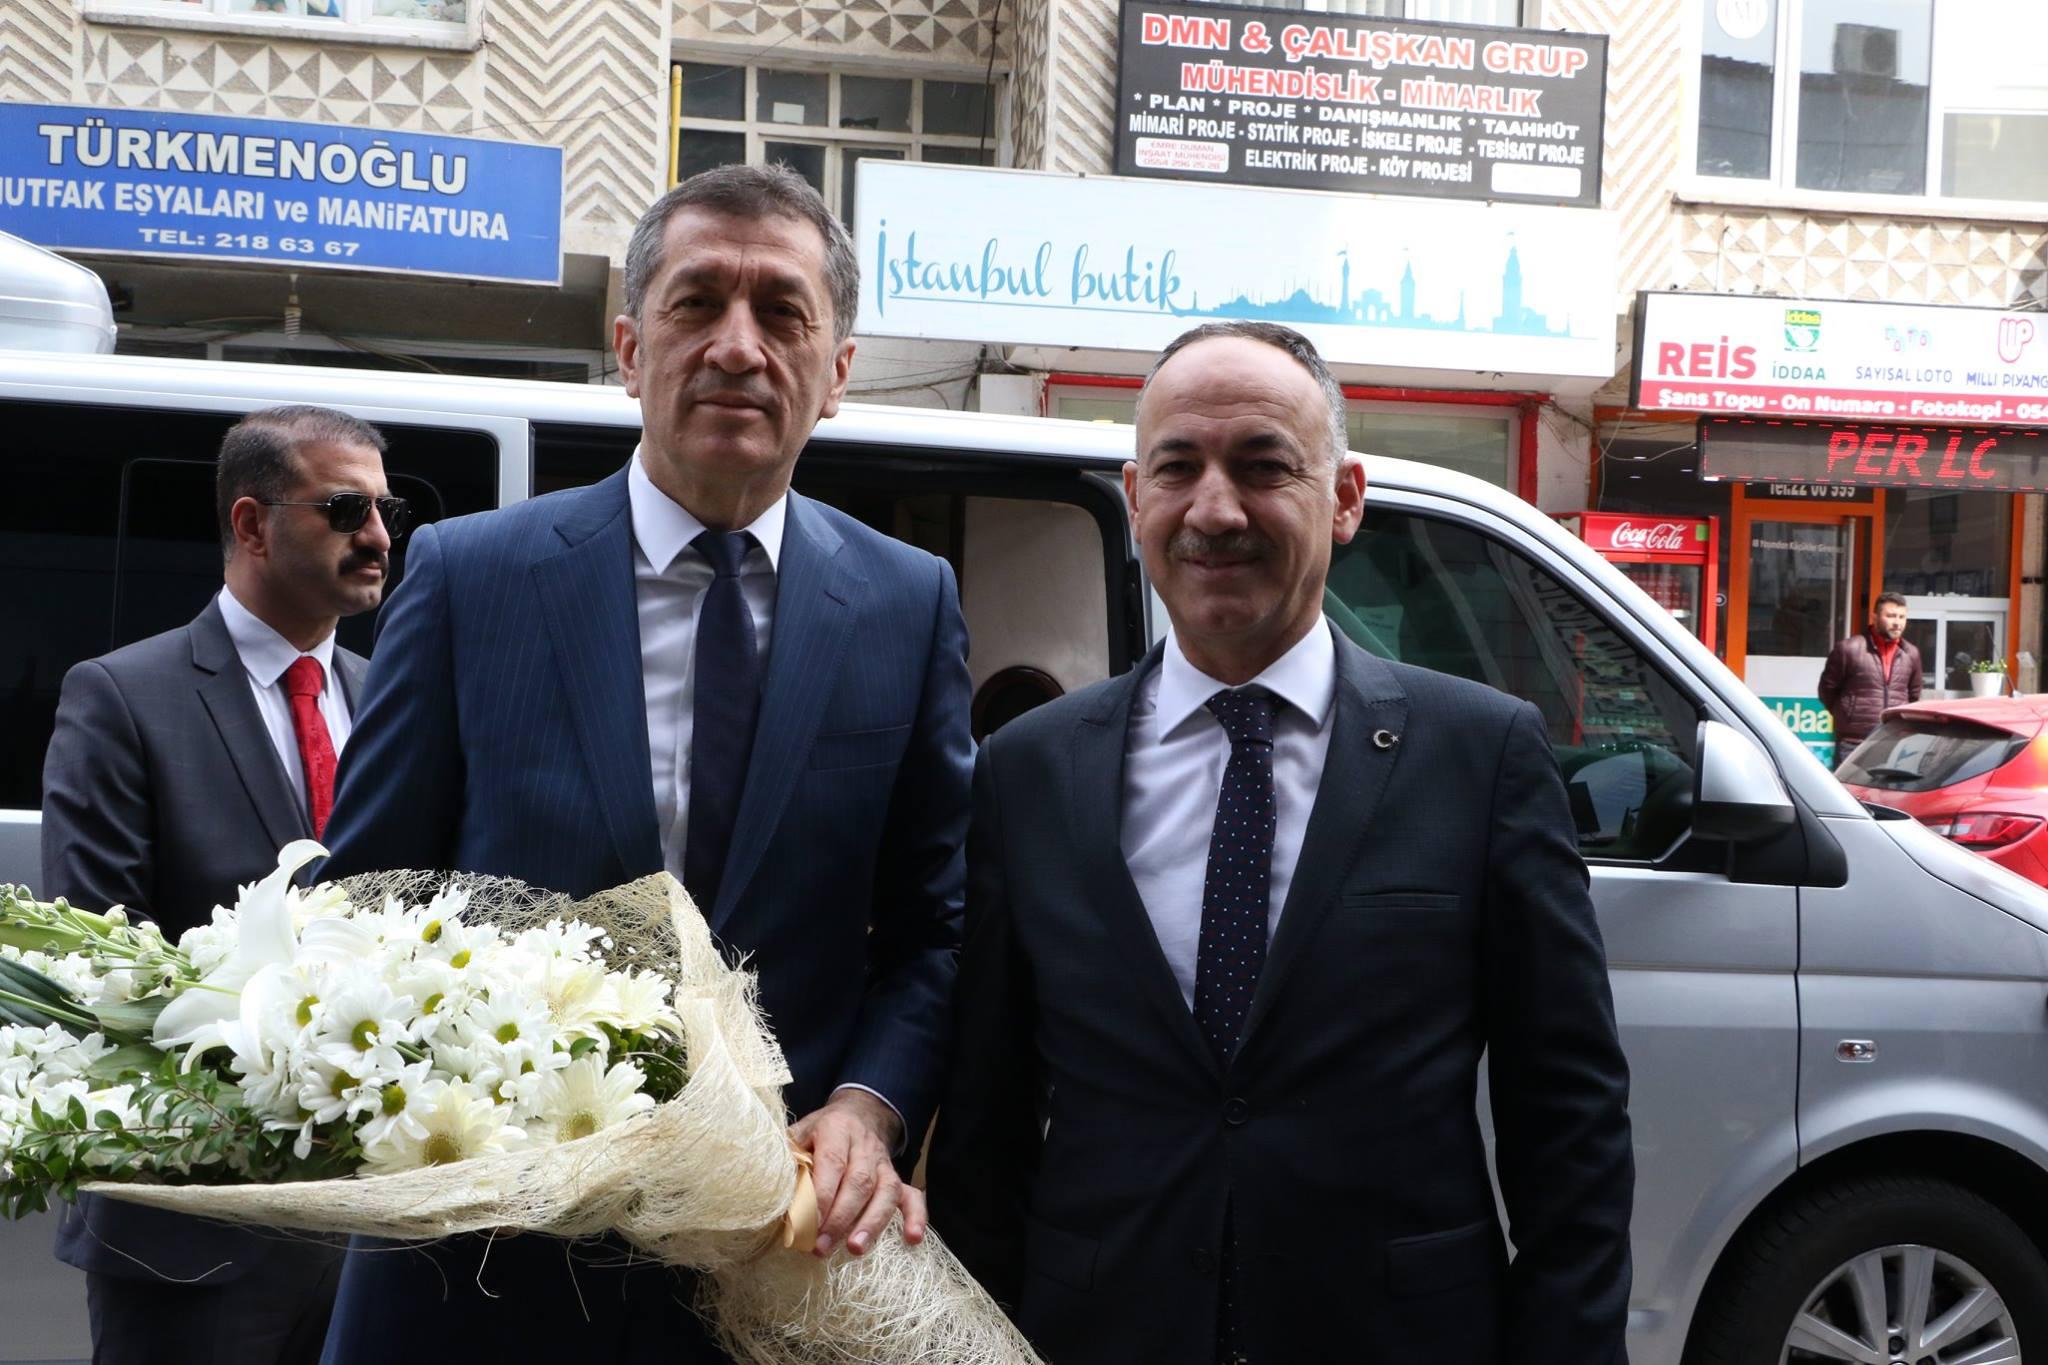 Milli Eğitim Bakanı Ziya Selçuk Belediyemizi Ziyaret Etti